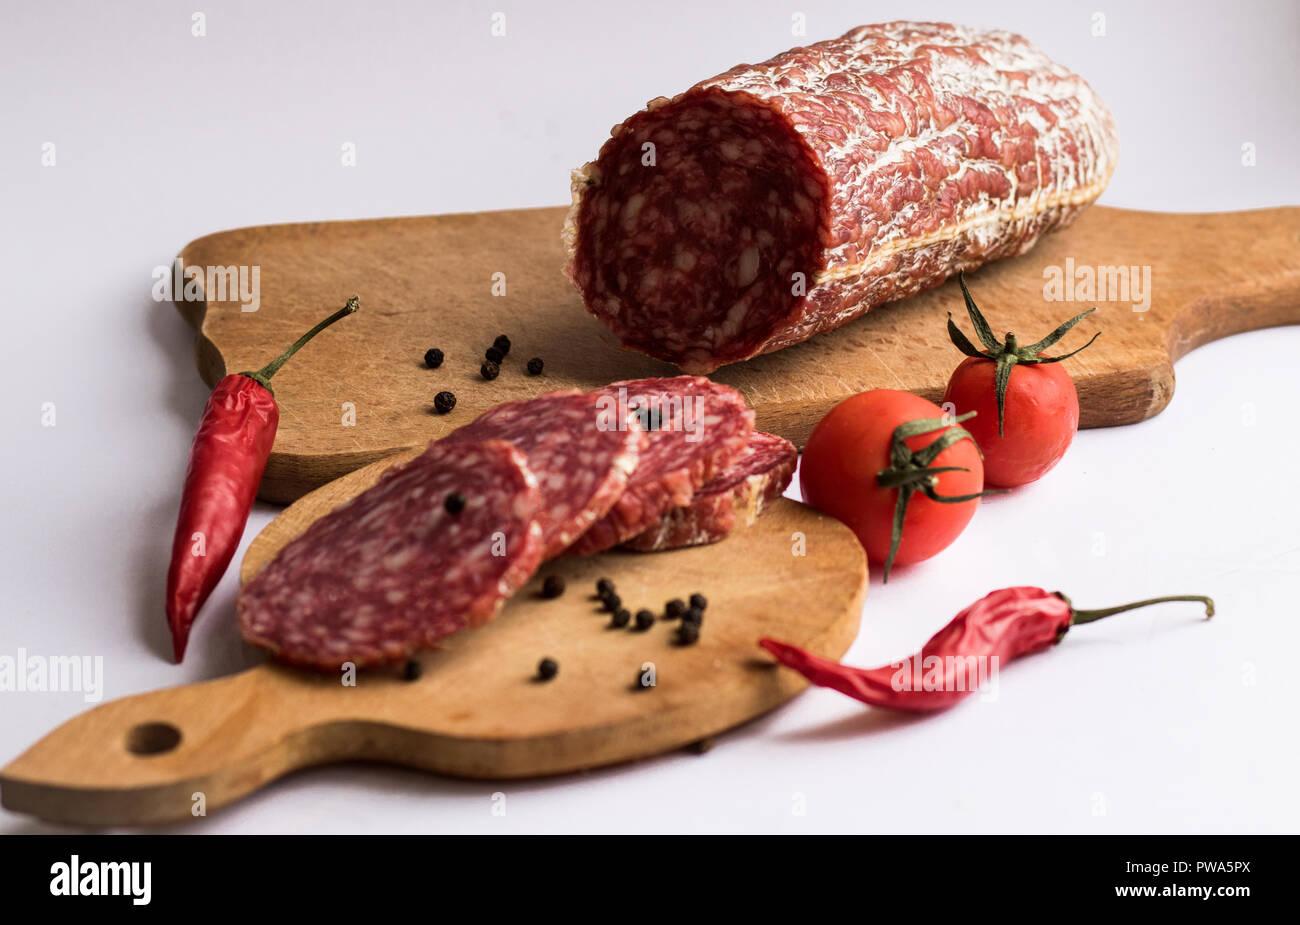 Morceaux de poivron rouge avec saucisse et morceaux de pain Photo Stock